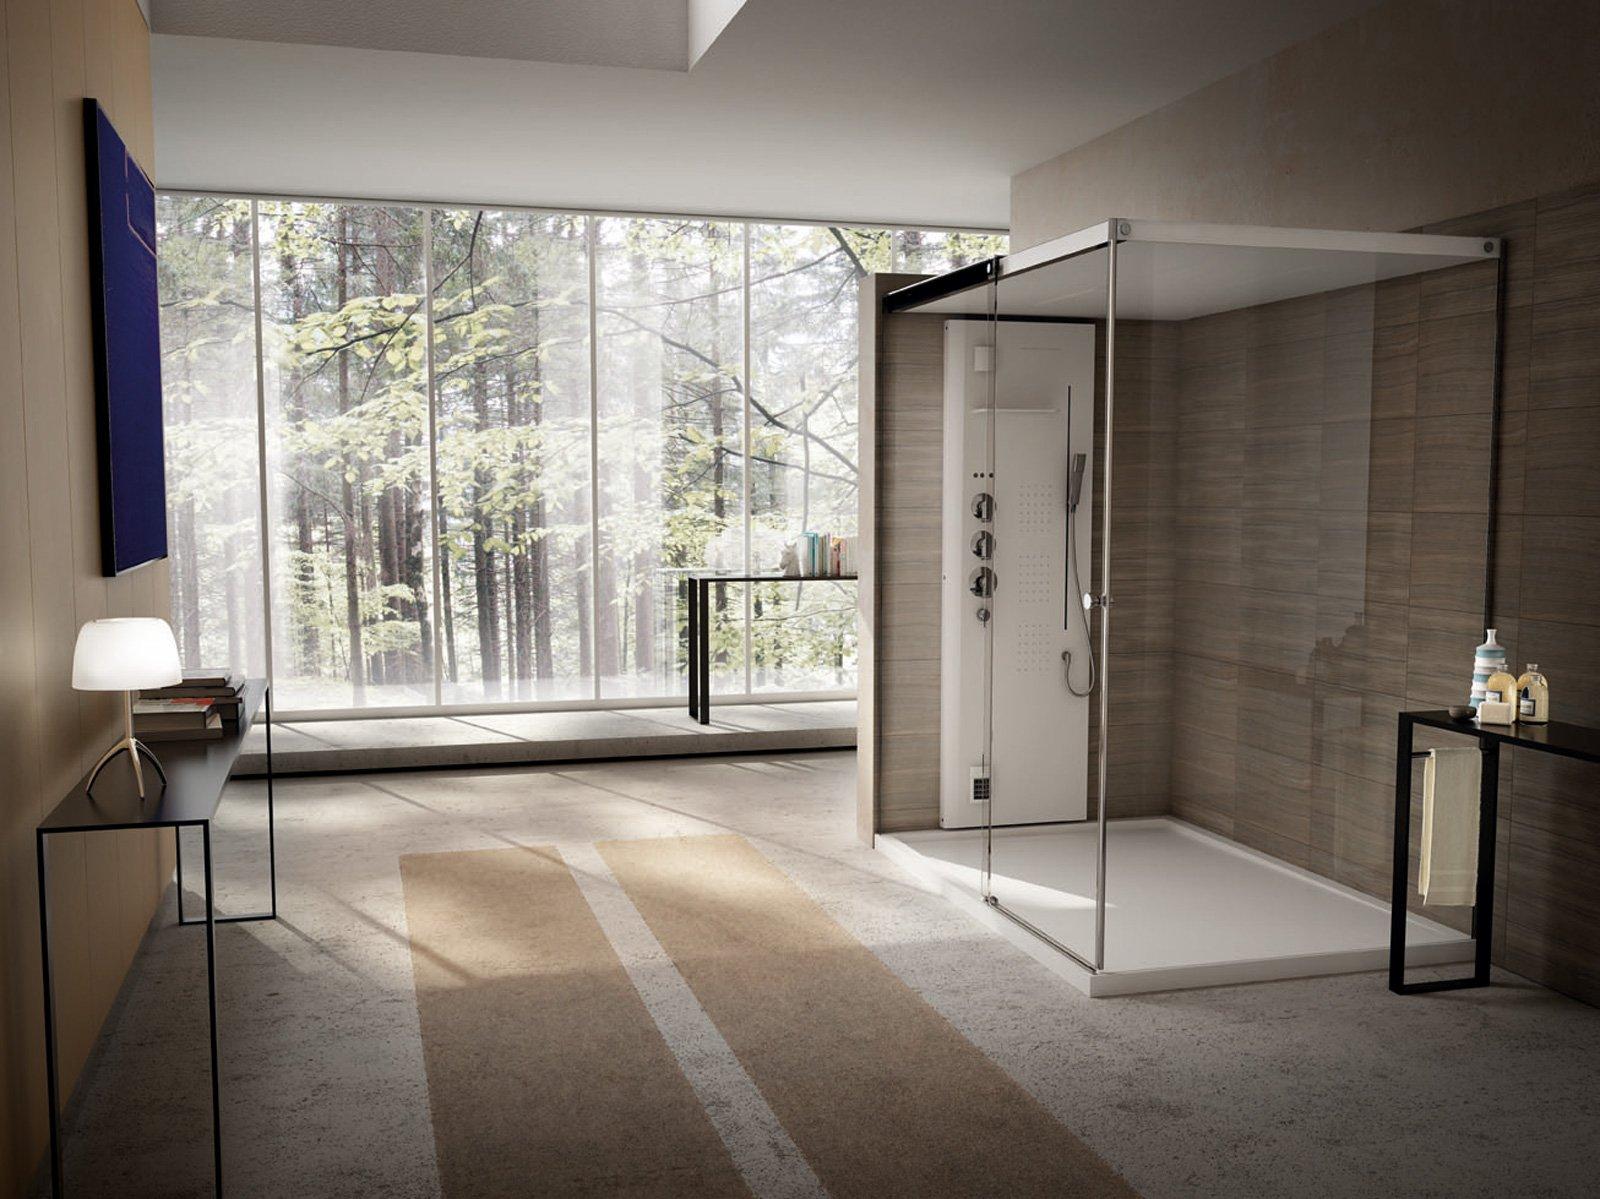 docce grandi per un maxi benessere cose di casa. Black Bedroom Furniture Sets. Home Design Ideas